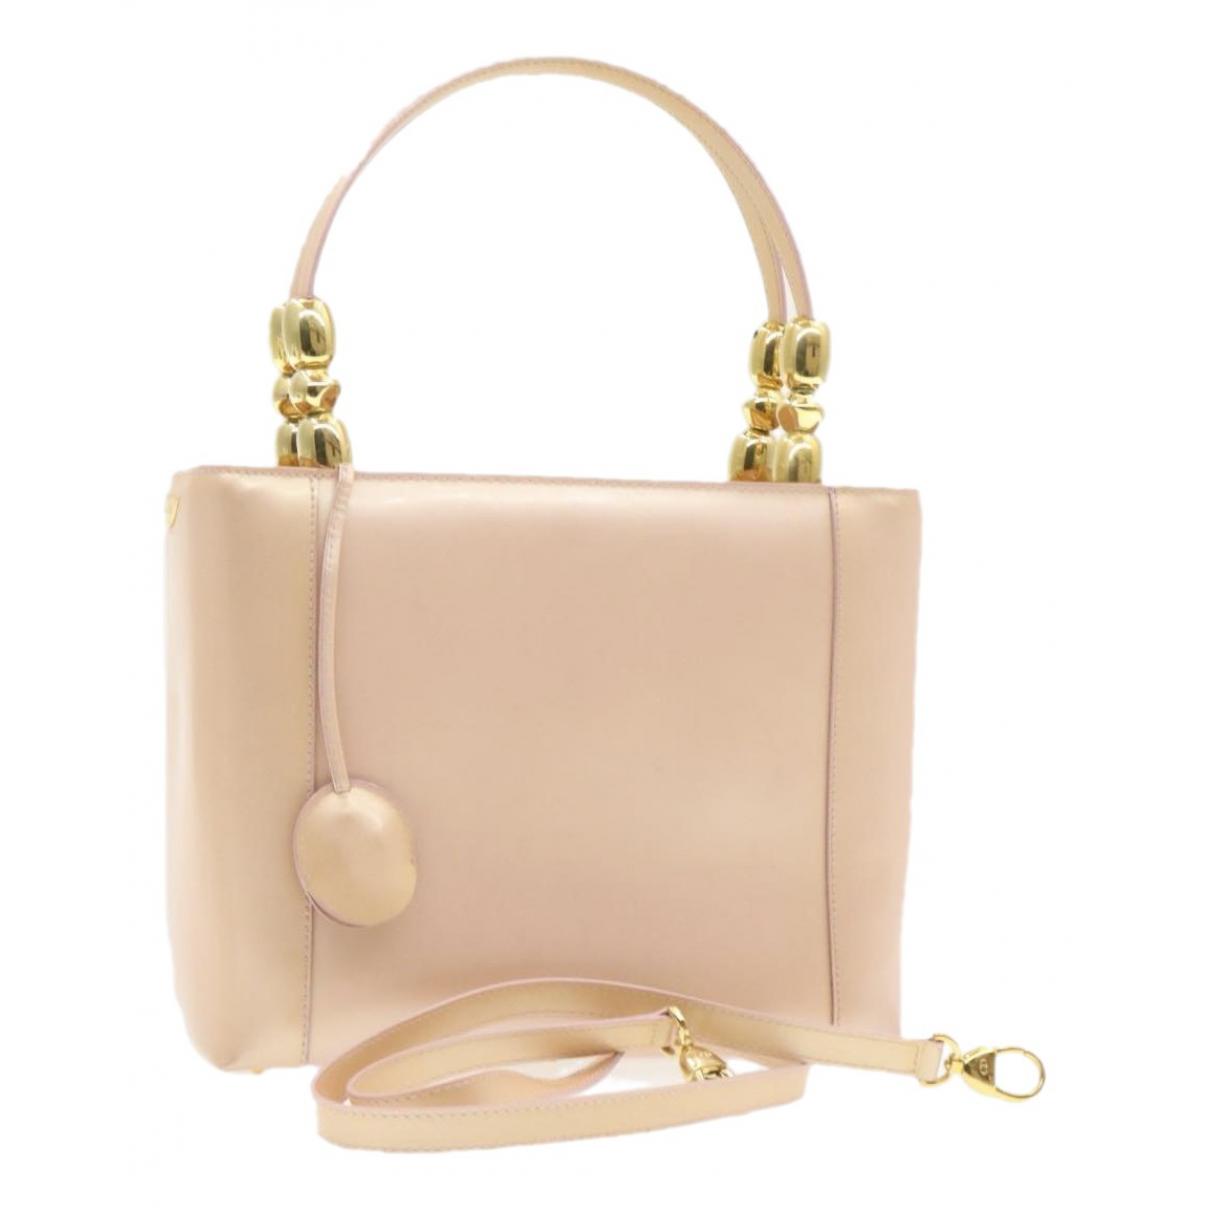 Dior - Sac a main   pour femme en cuir verni - rose